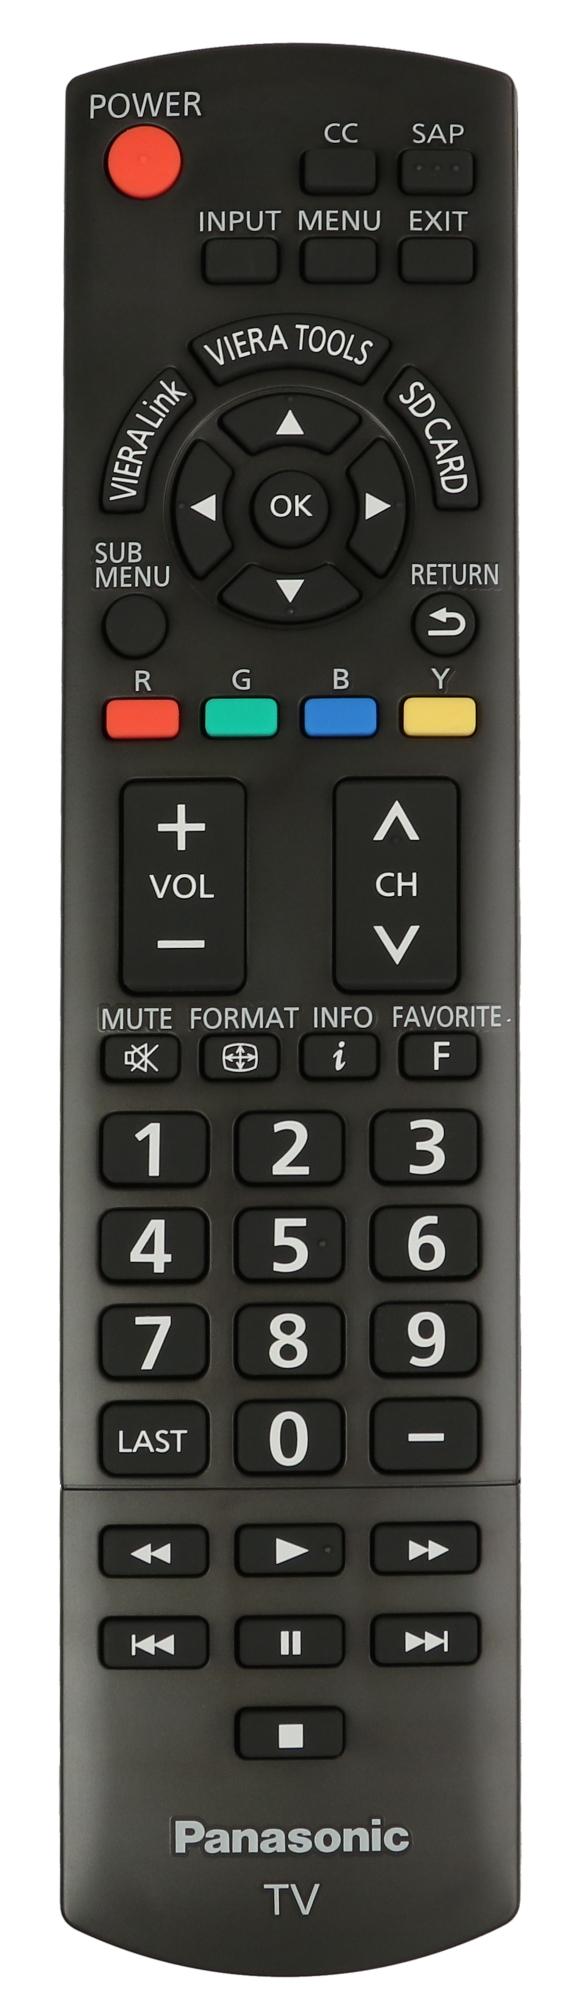 Panasonc TV Remote